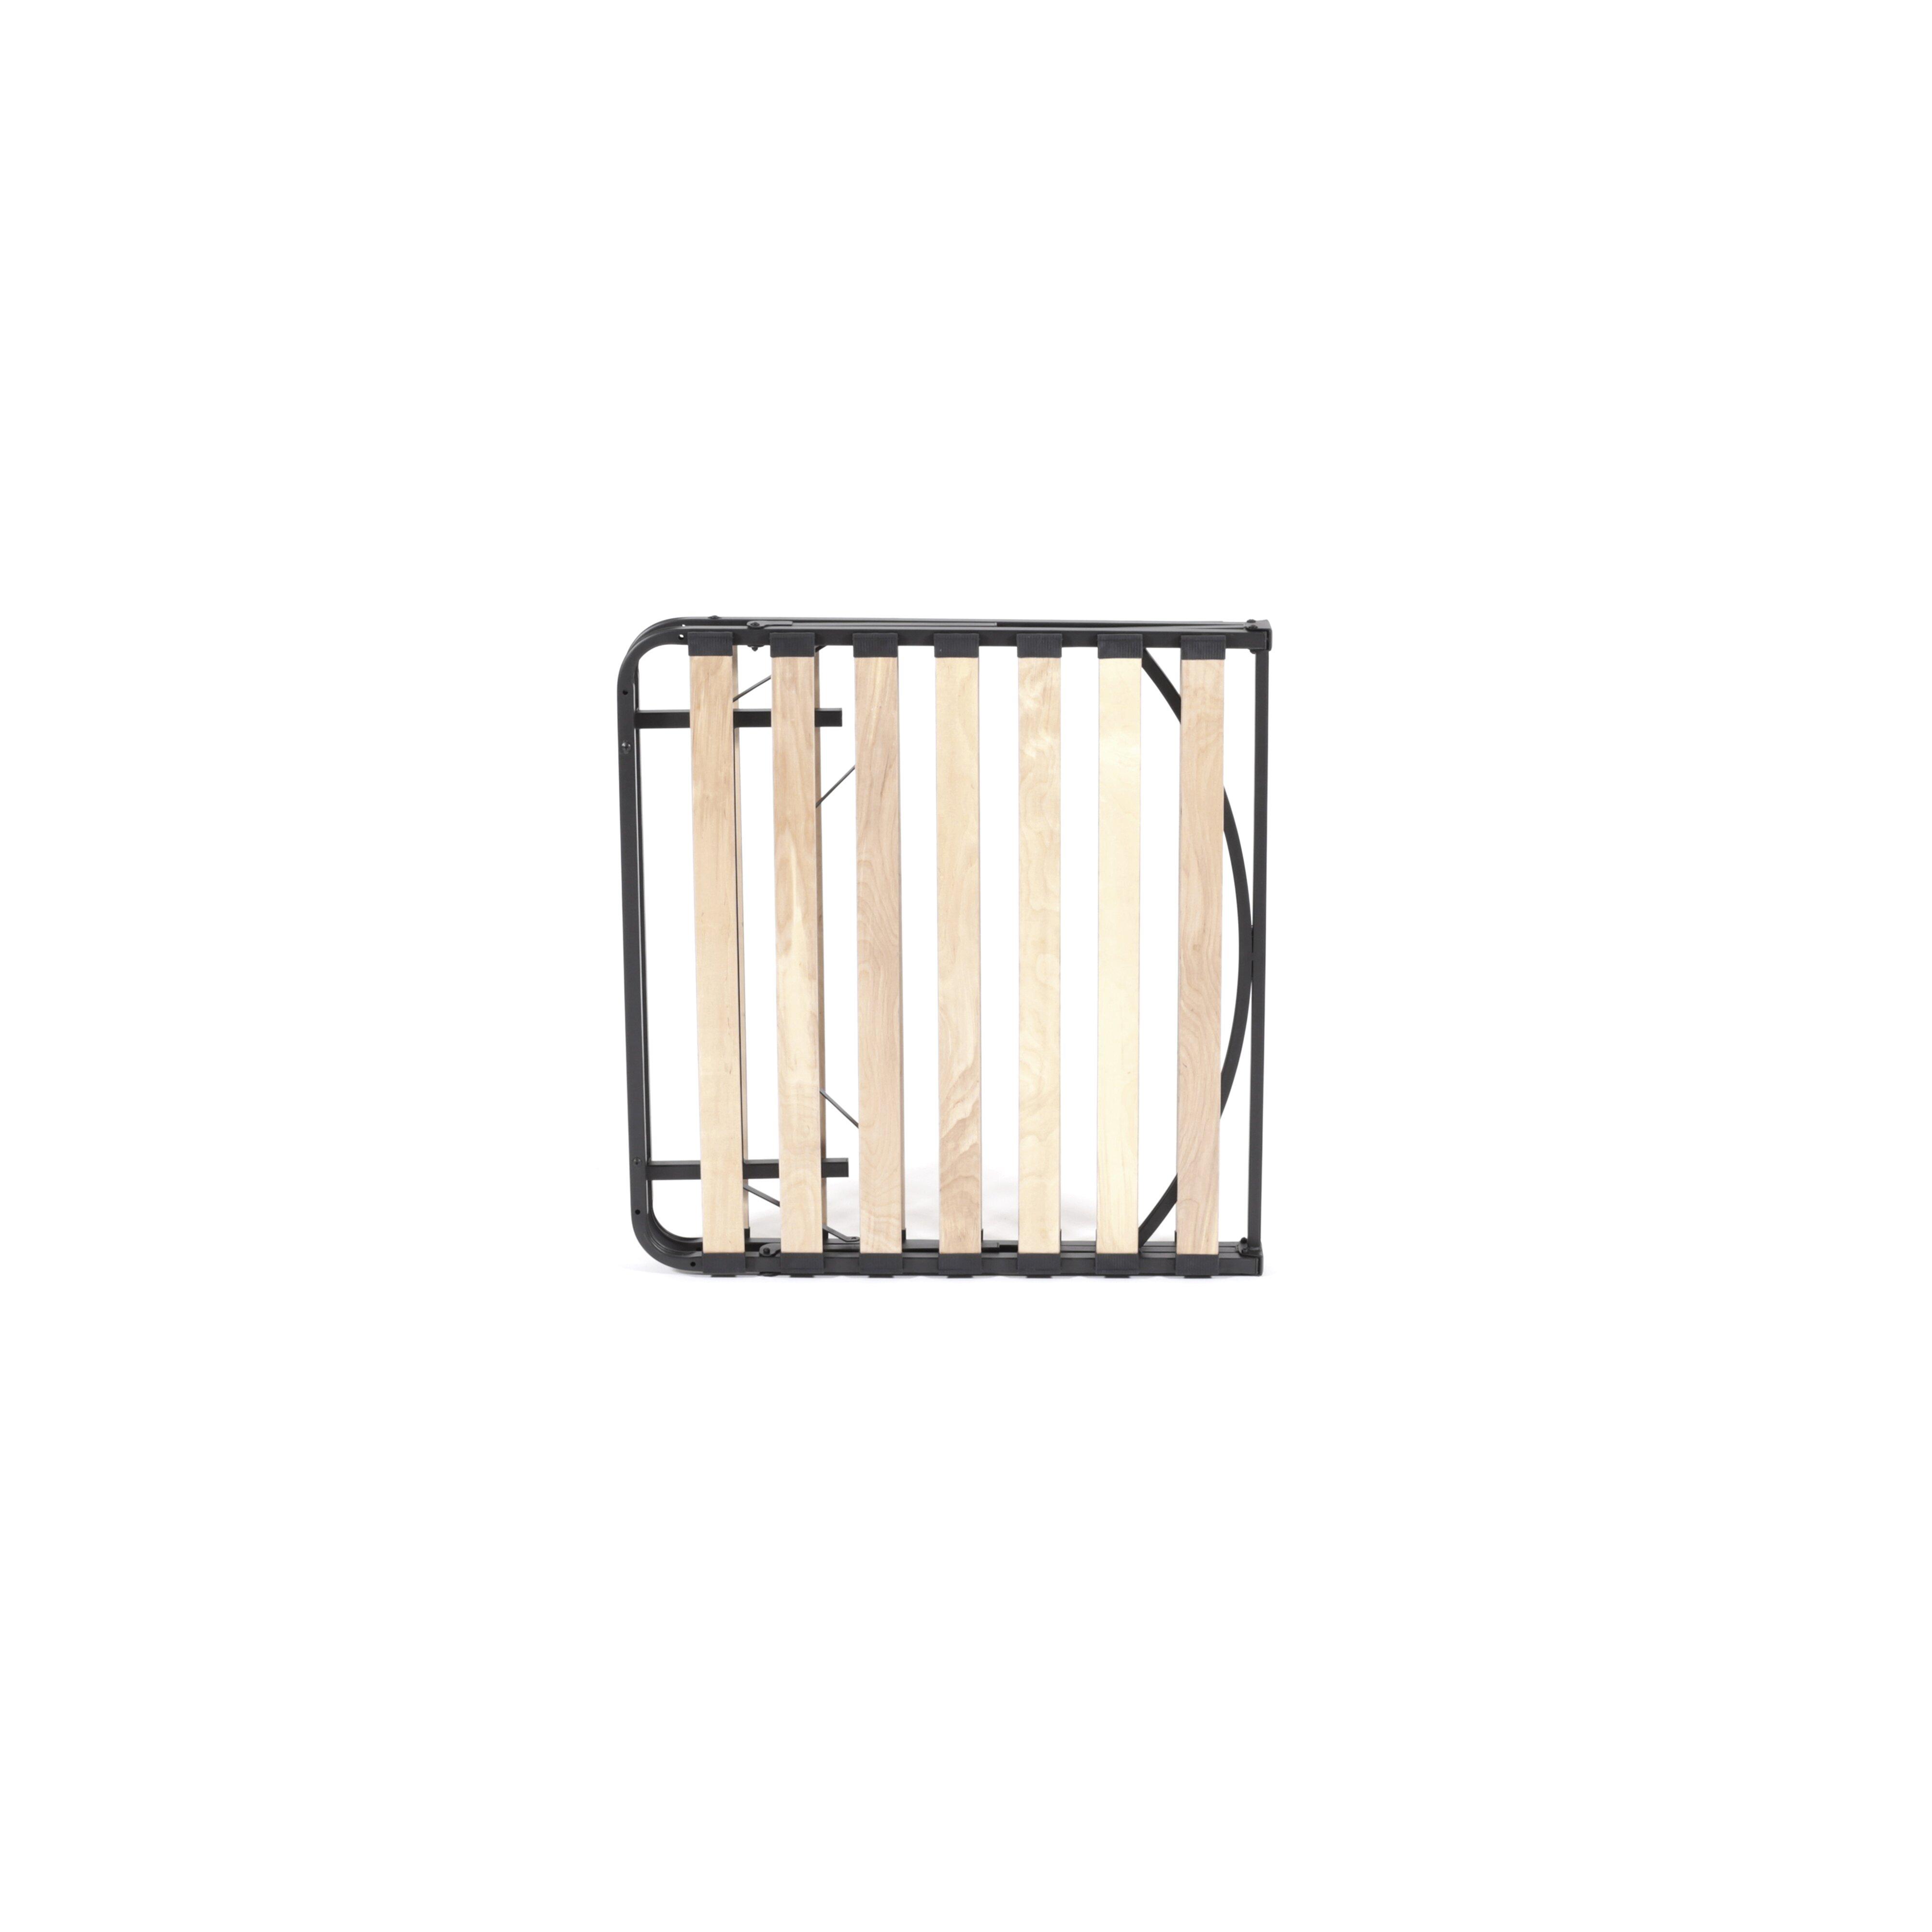 Pragma Bed Wooden Slat Simple Base Bed Frame Amp Reviews